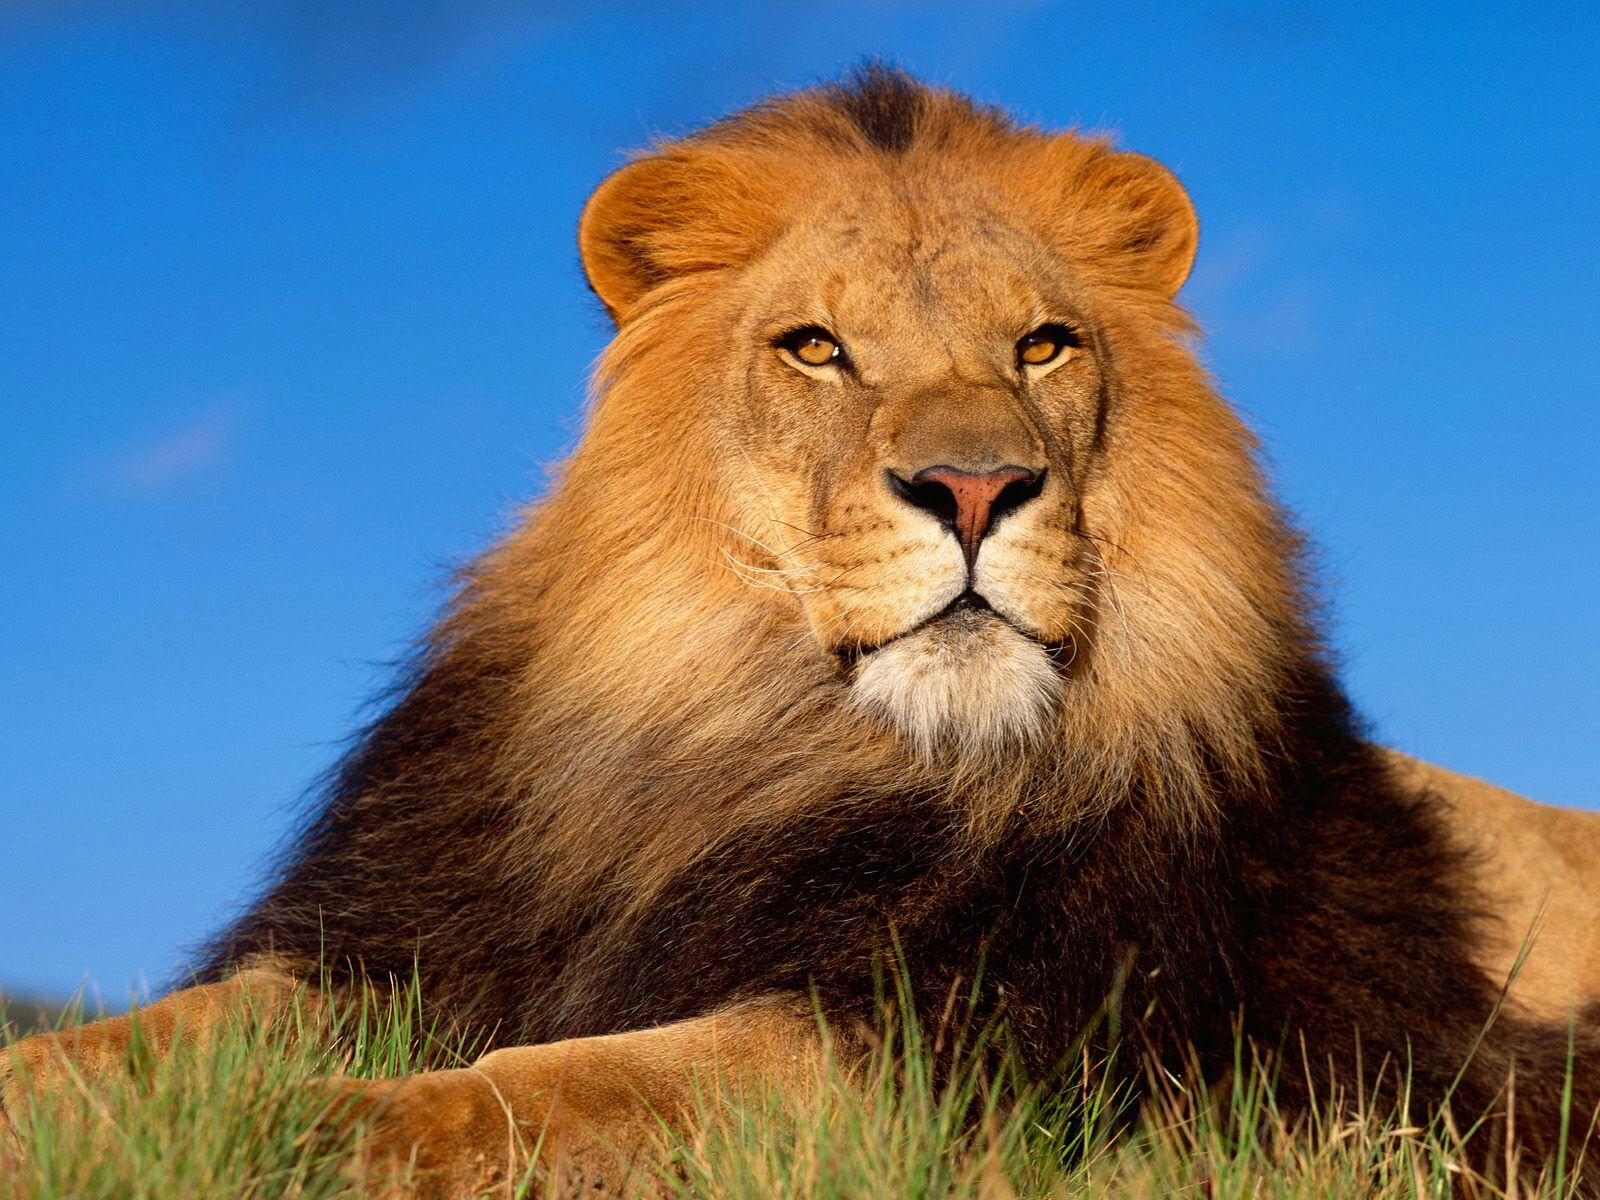 большой лев на фоне синего неба, скачать фото, обои на рабочий стол